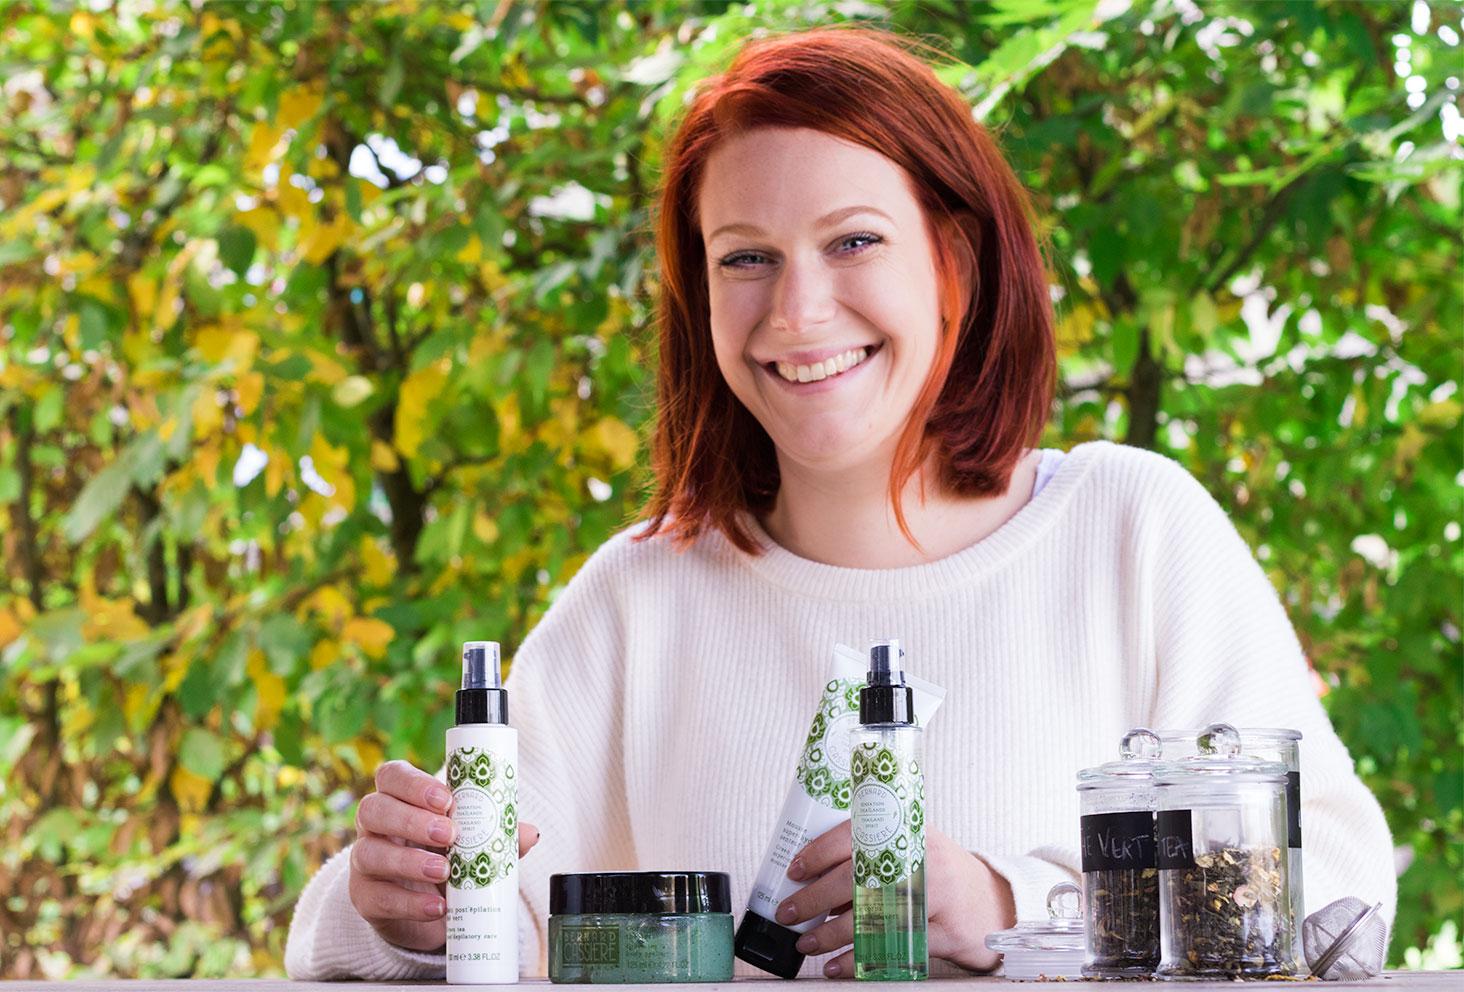 Ensemble des produits de la gamme Sensation Thaïlande au thé vert de la marque Bernard Cassière